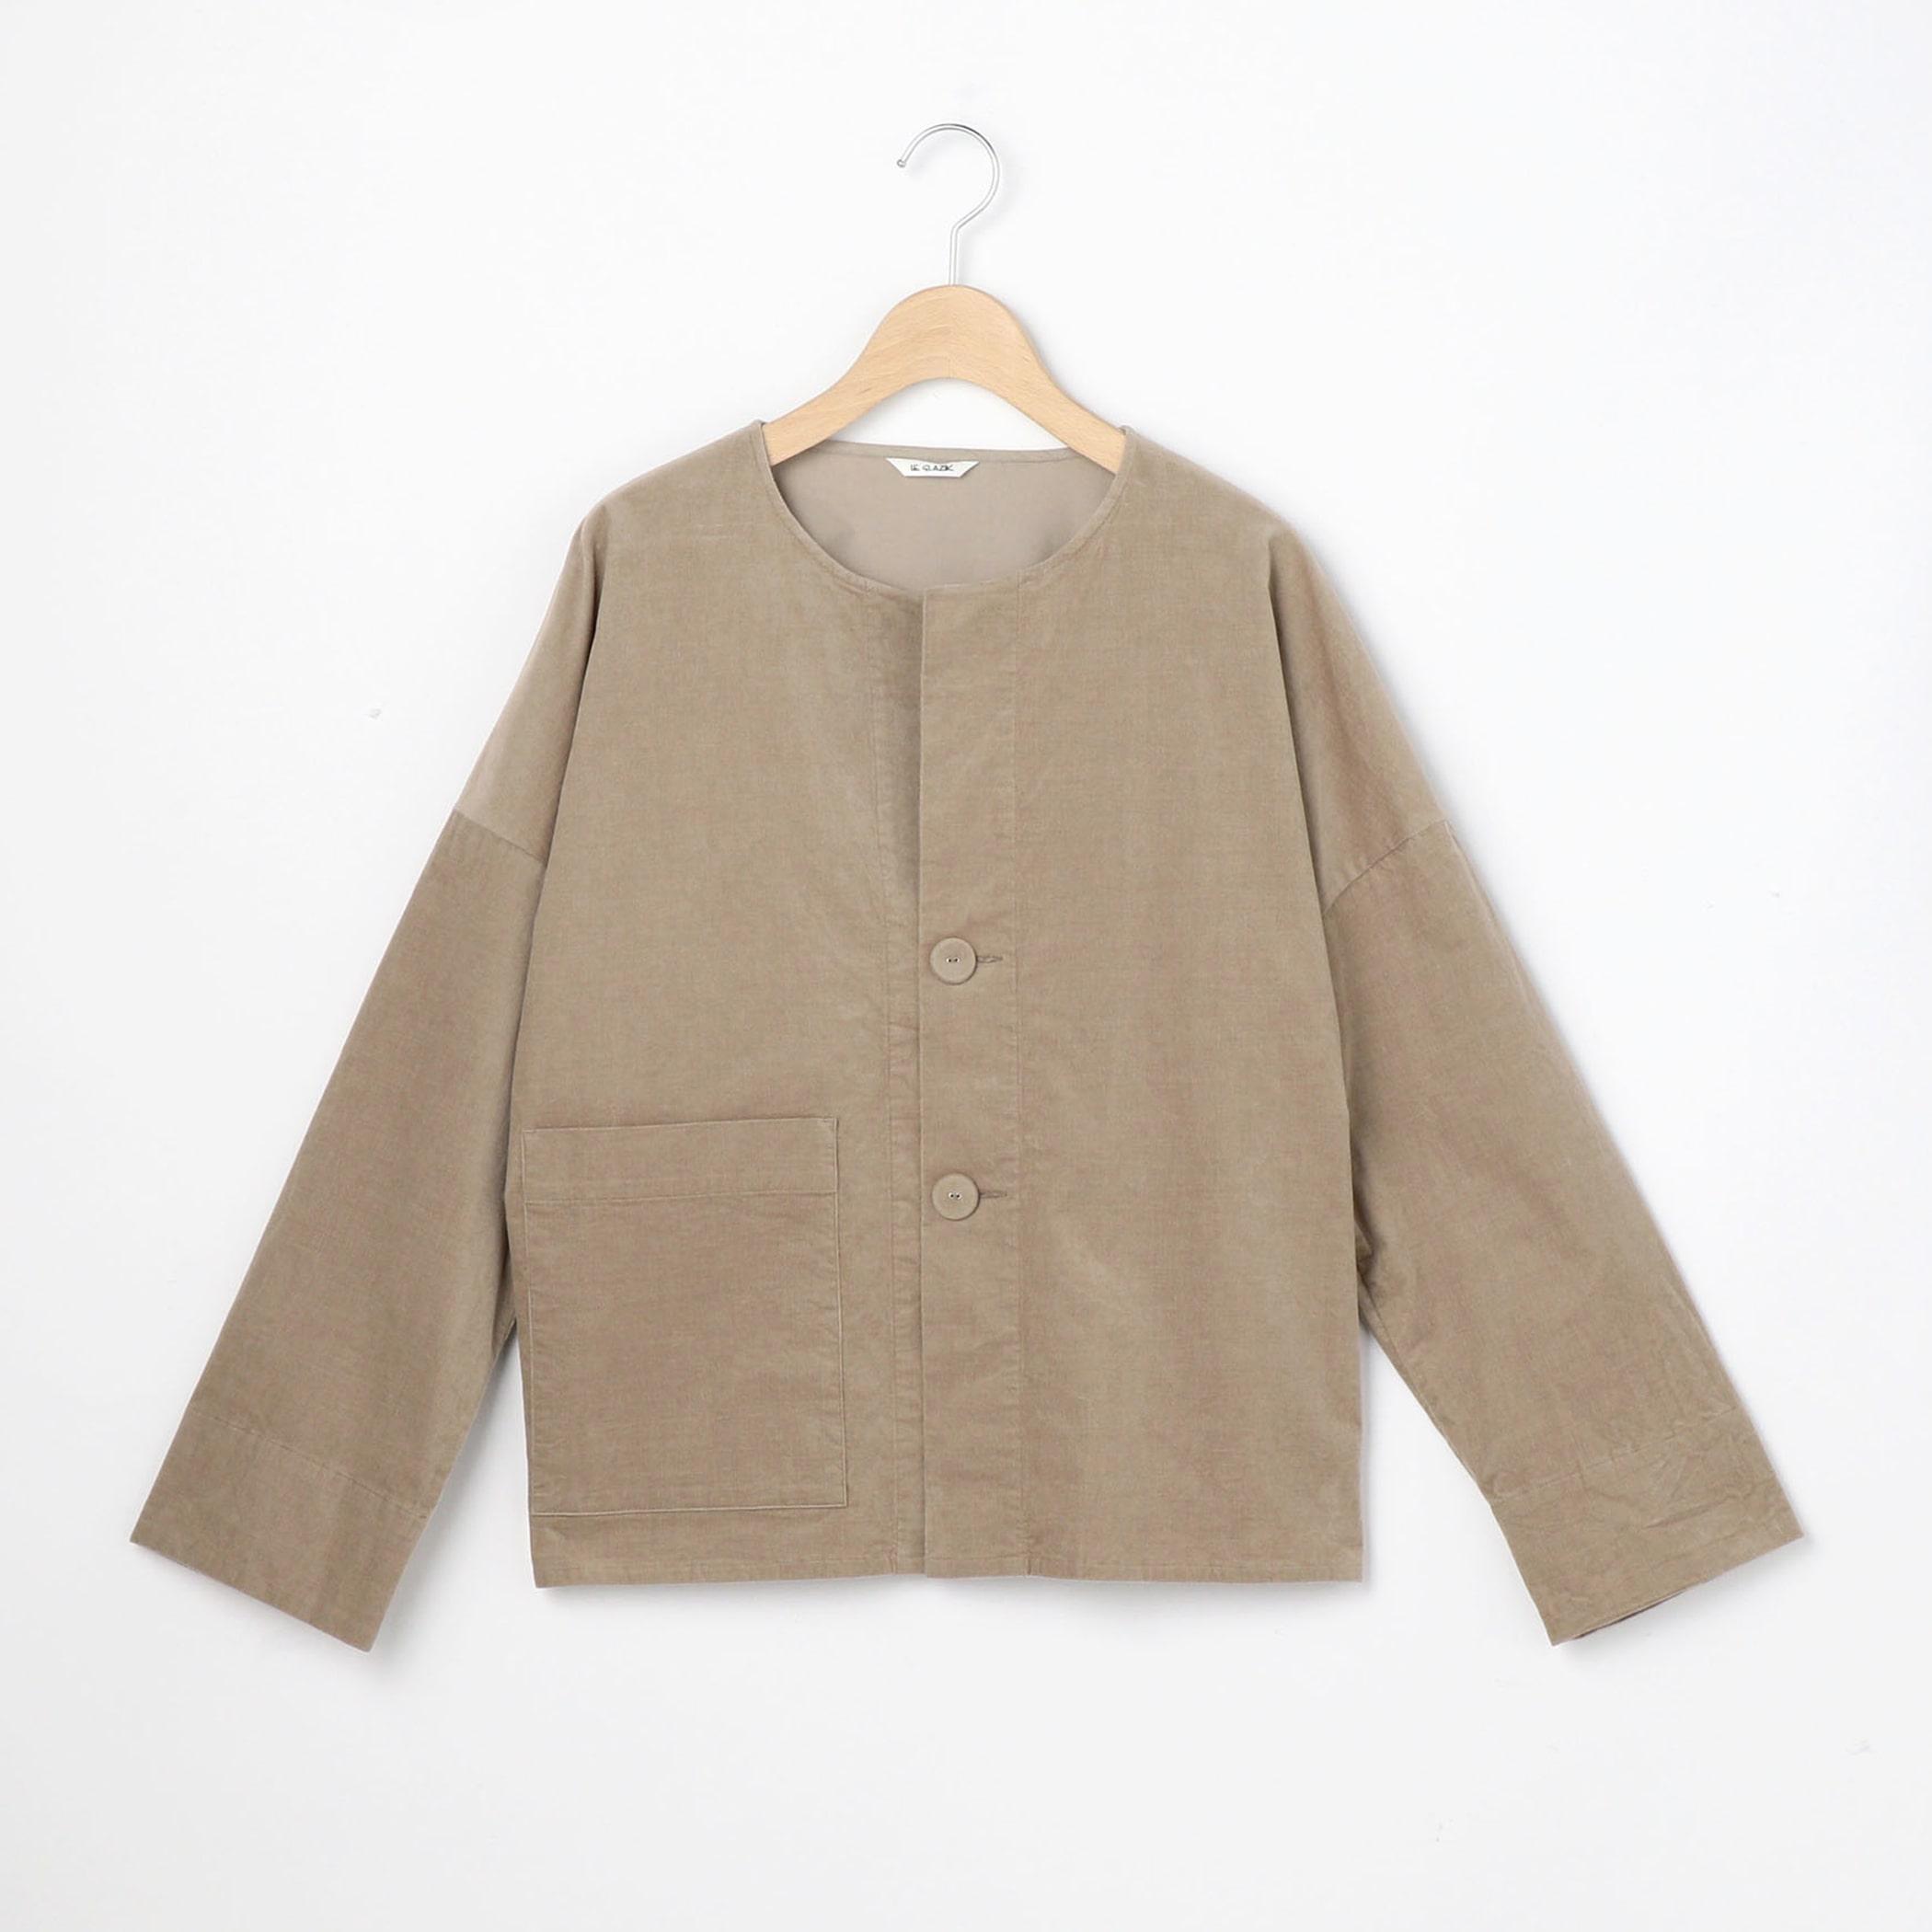 コーデュロイ シャツジャケット WOMEN